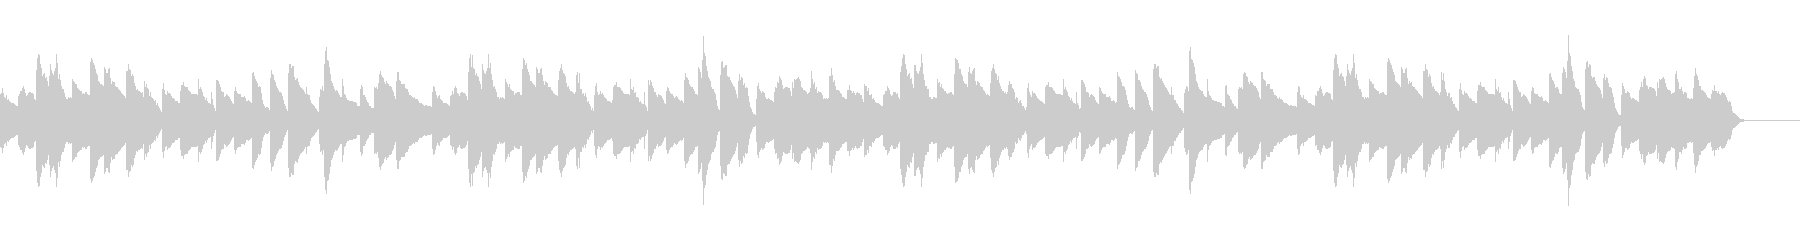 まったりほのぼのとした3拍子のピアノ曲の未再生の波形